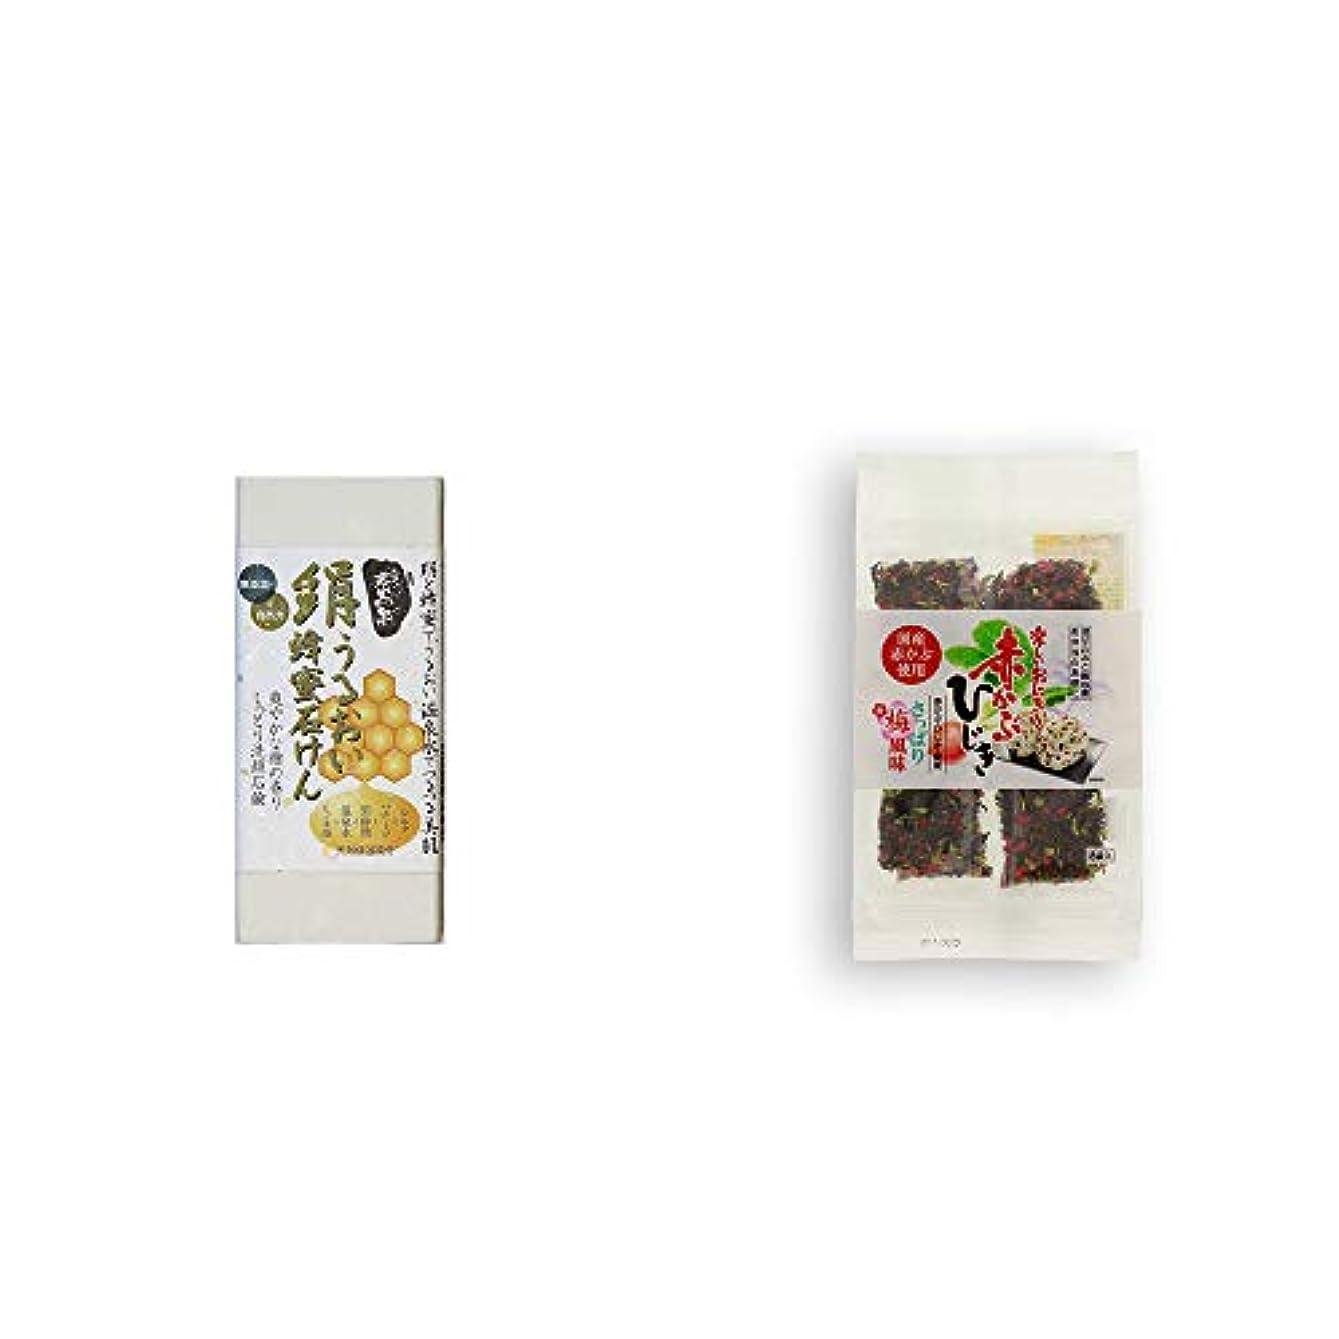 組み込むハーネスつぶやき[2点セット] ひのき炭黒泉 絹うるおい蜂蜜石けん(75g×2)?楽しいおにぎり 赤かぶひじき(8g×8袋)